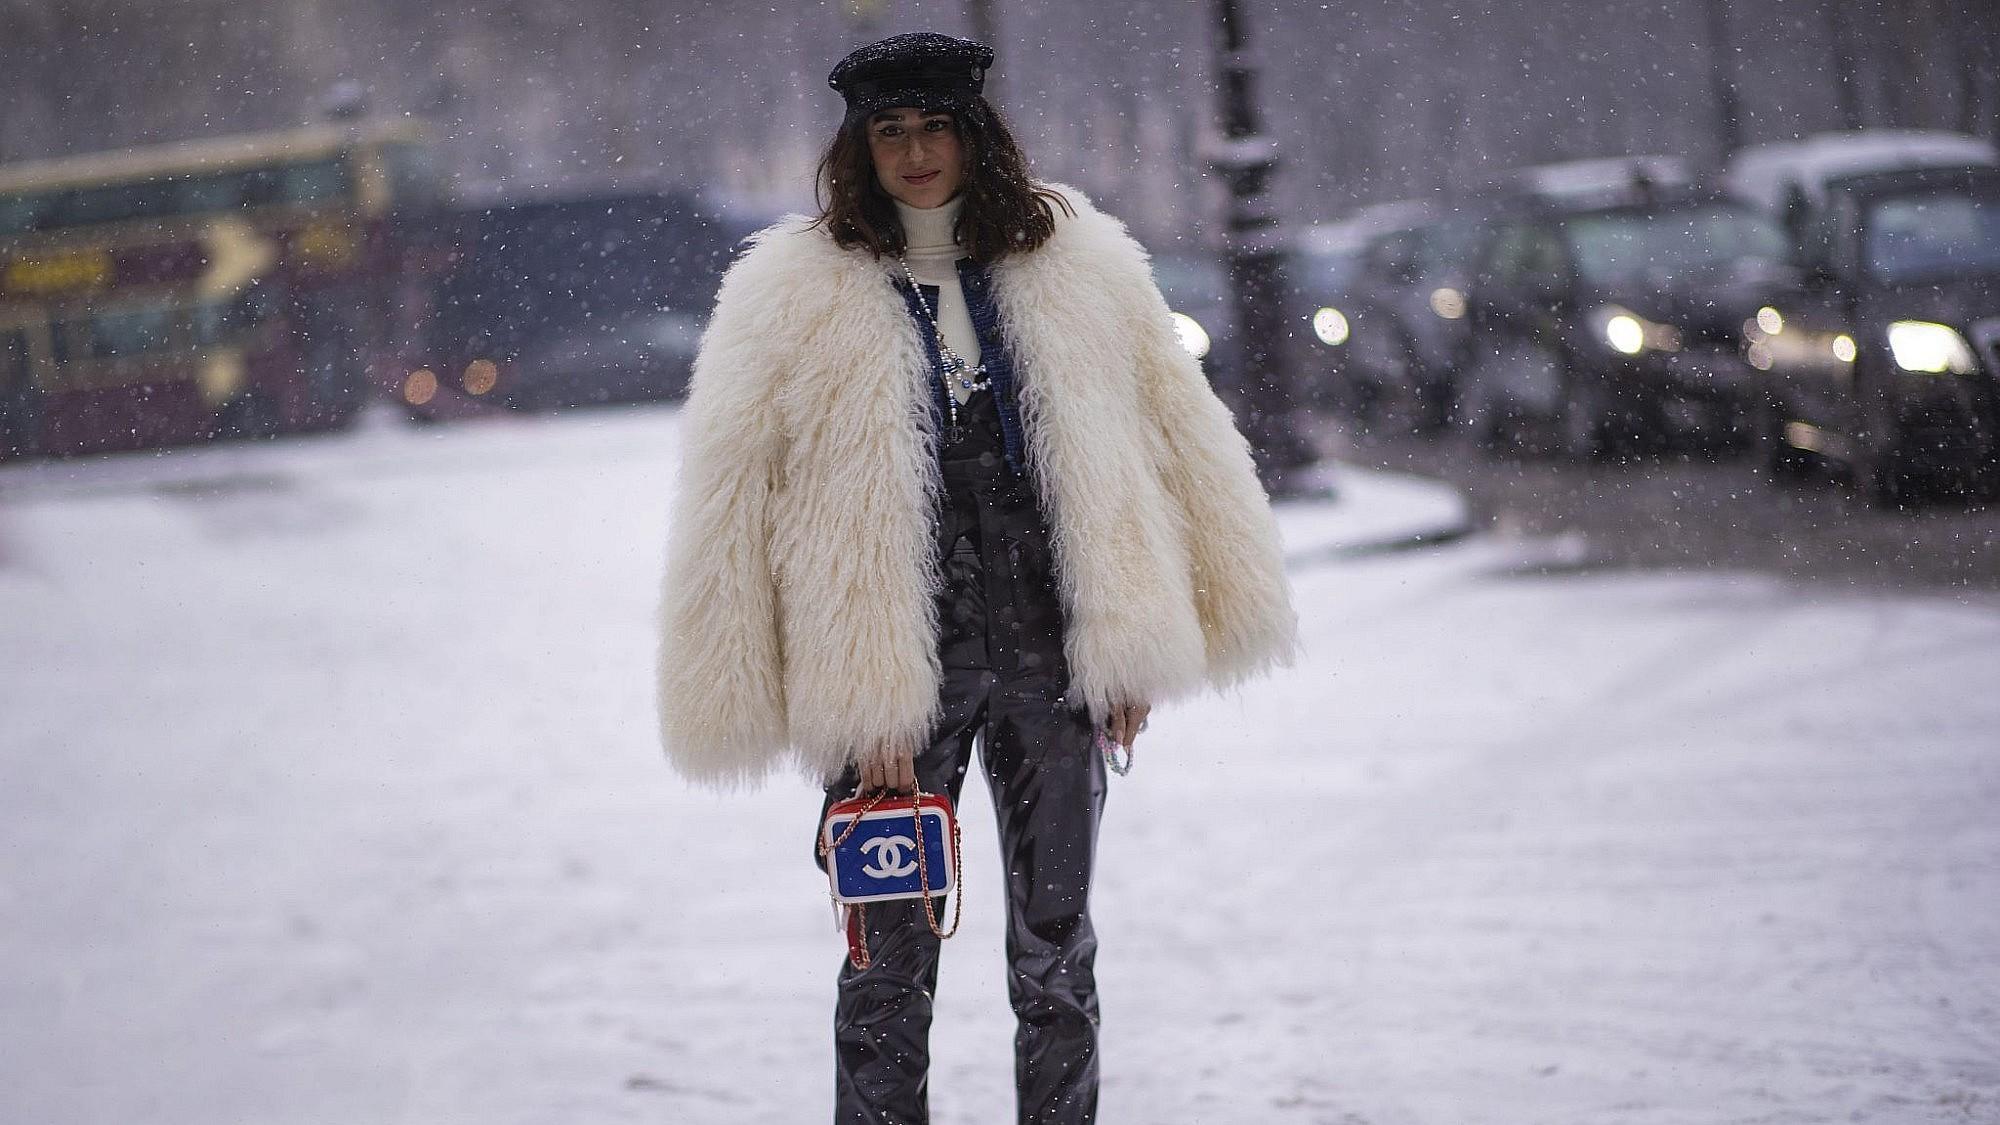 אופנת רחוב בשבוע הקוטור בפריז   צילום: אסף ליברפרוינד Thestreetvibe